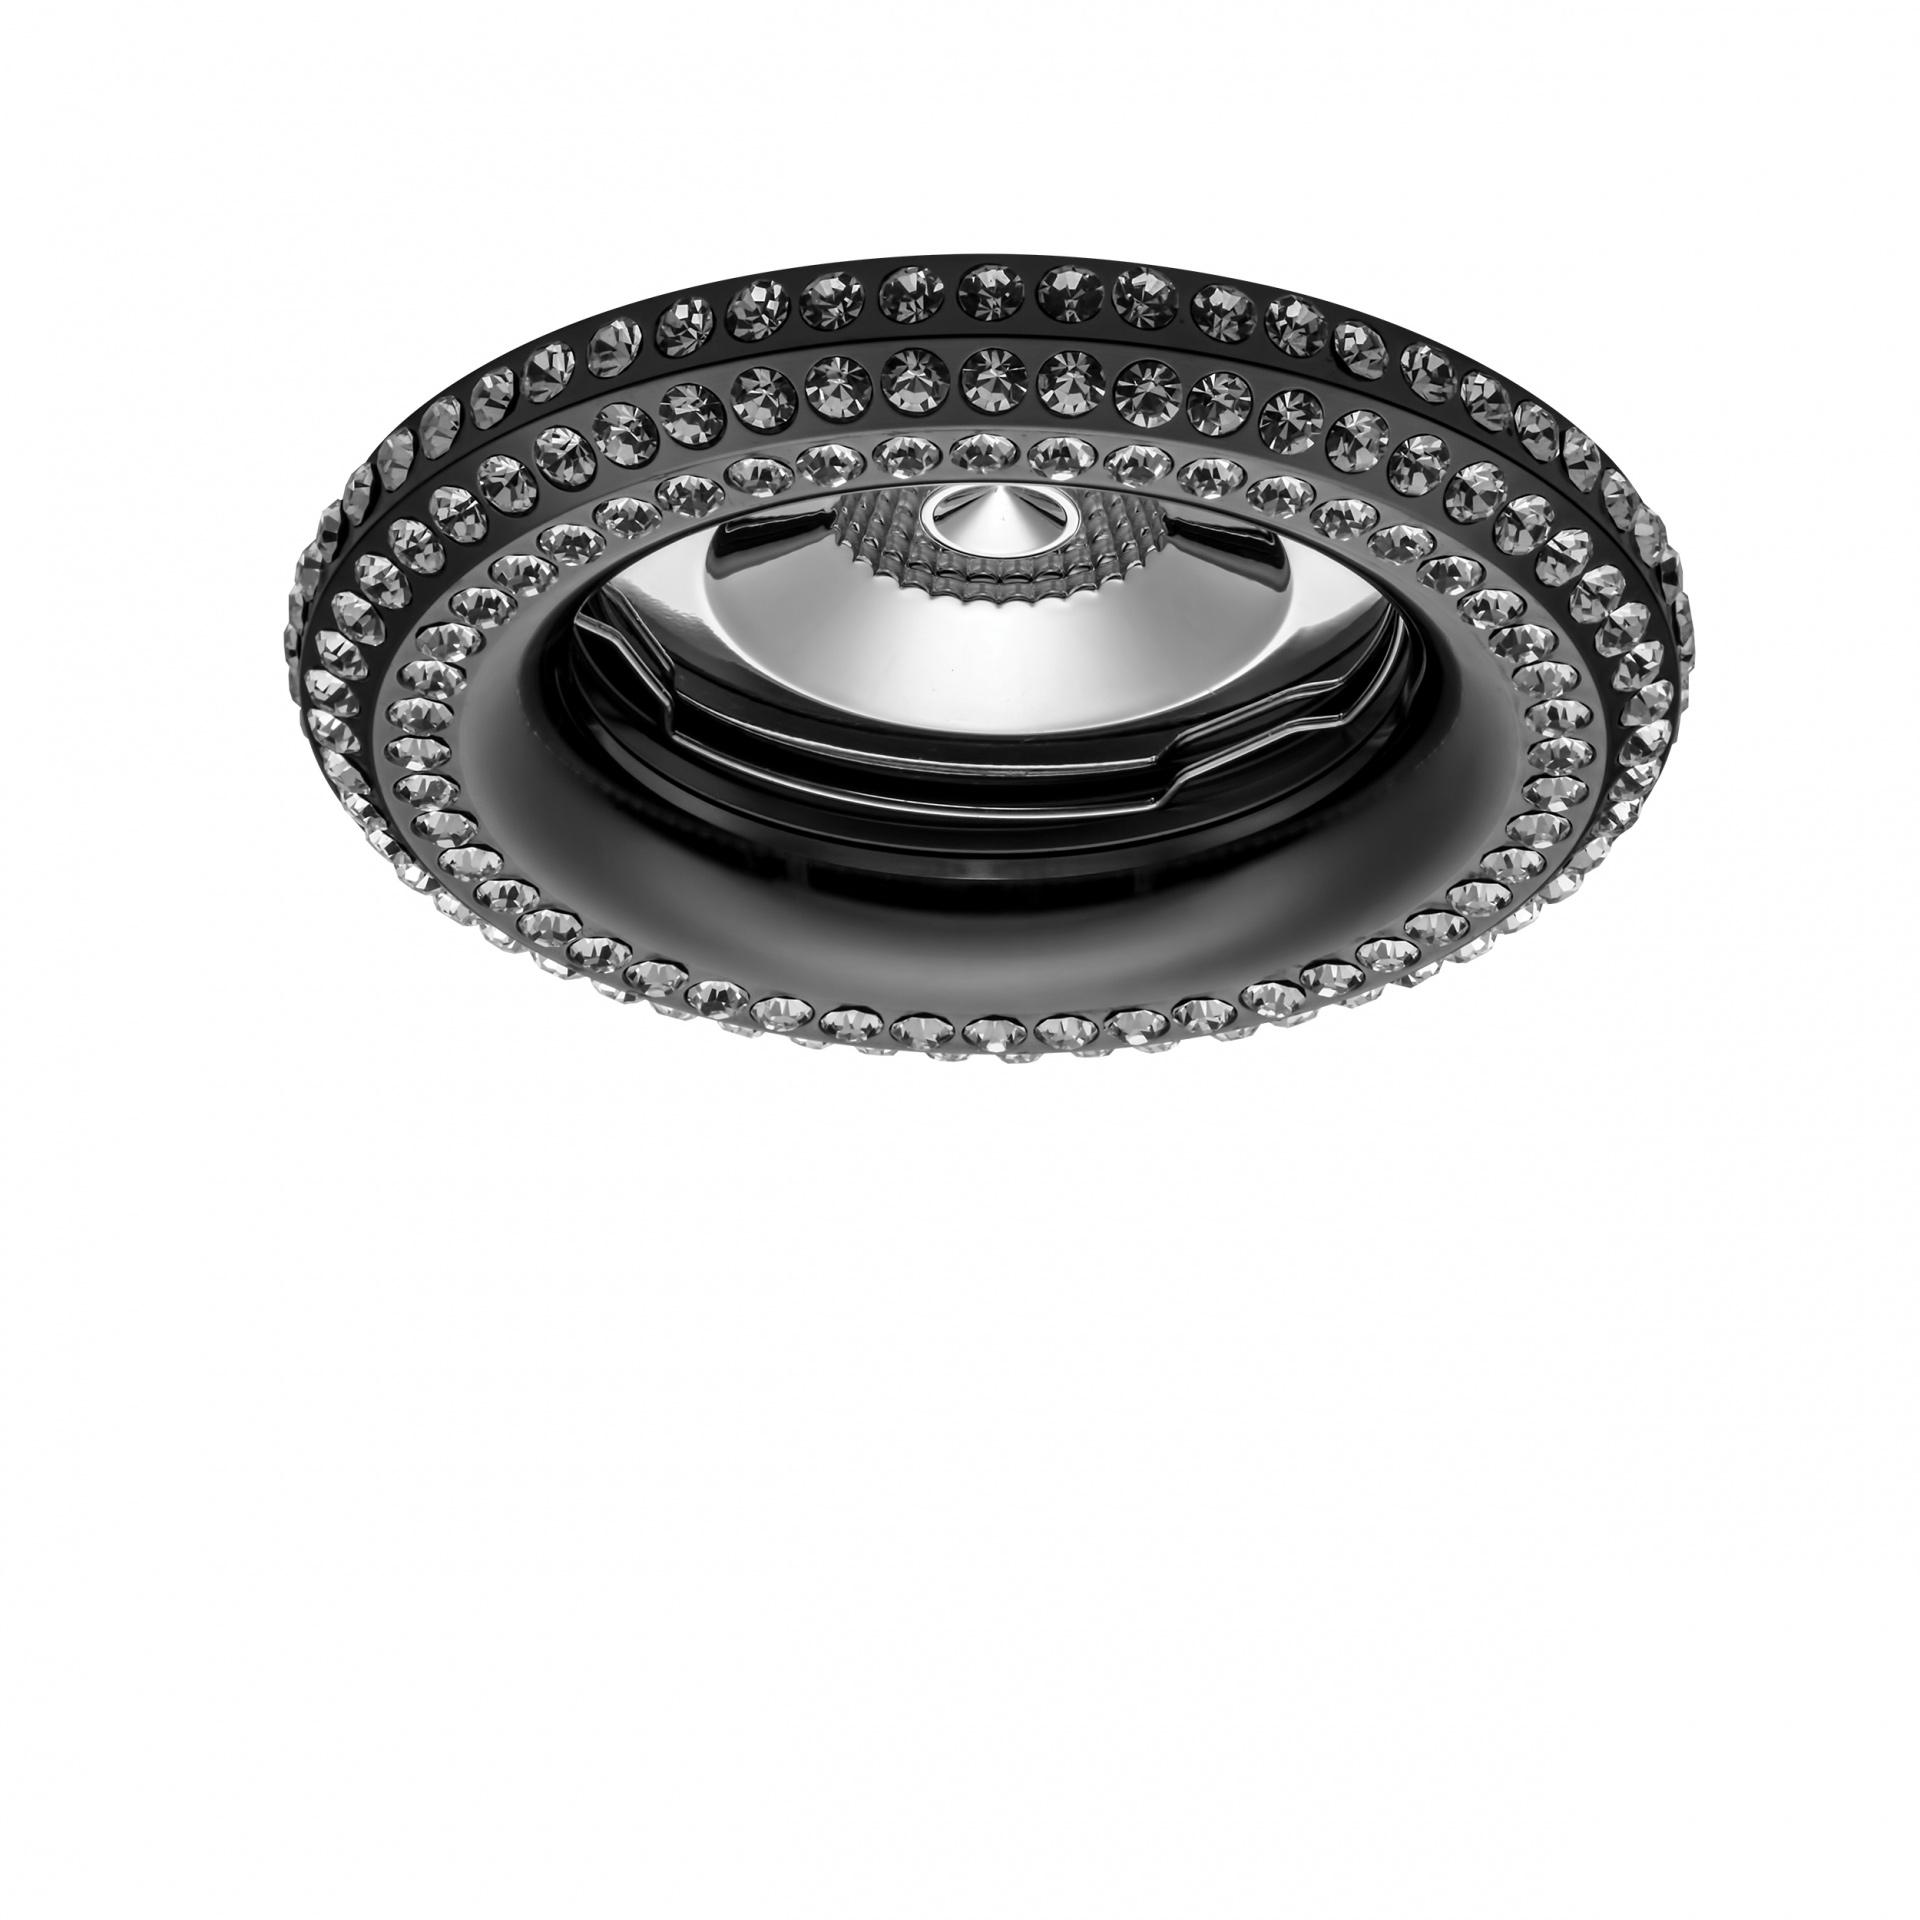 Светильник Miriade MR16 / HP16 черный хром Lightstar 011997, купить в СПб, Москве, с доставкой, Санкт-Петербург, интернет-магазин люстр и светильников Starlight, фото в жизни